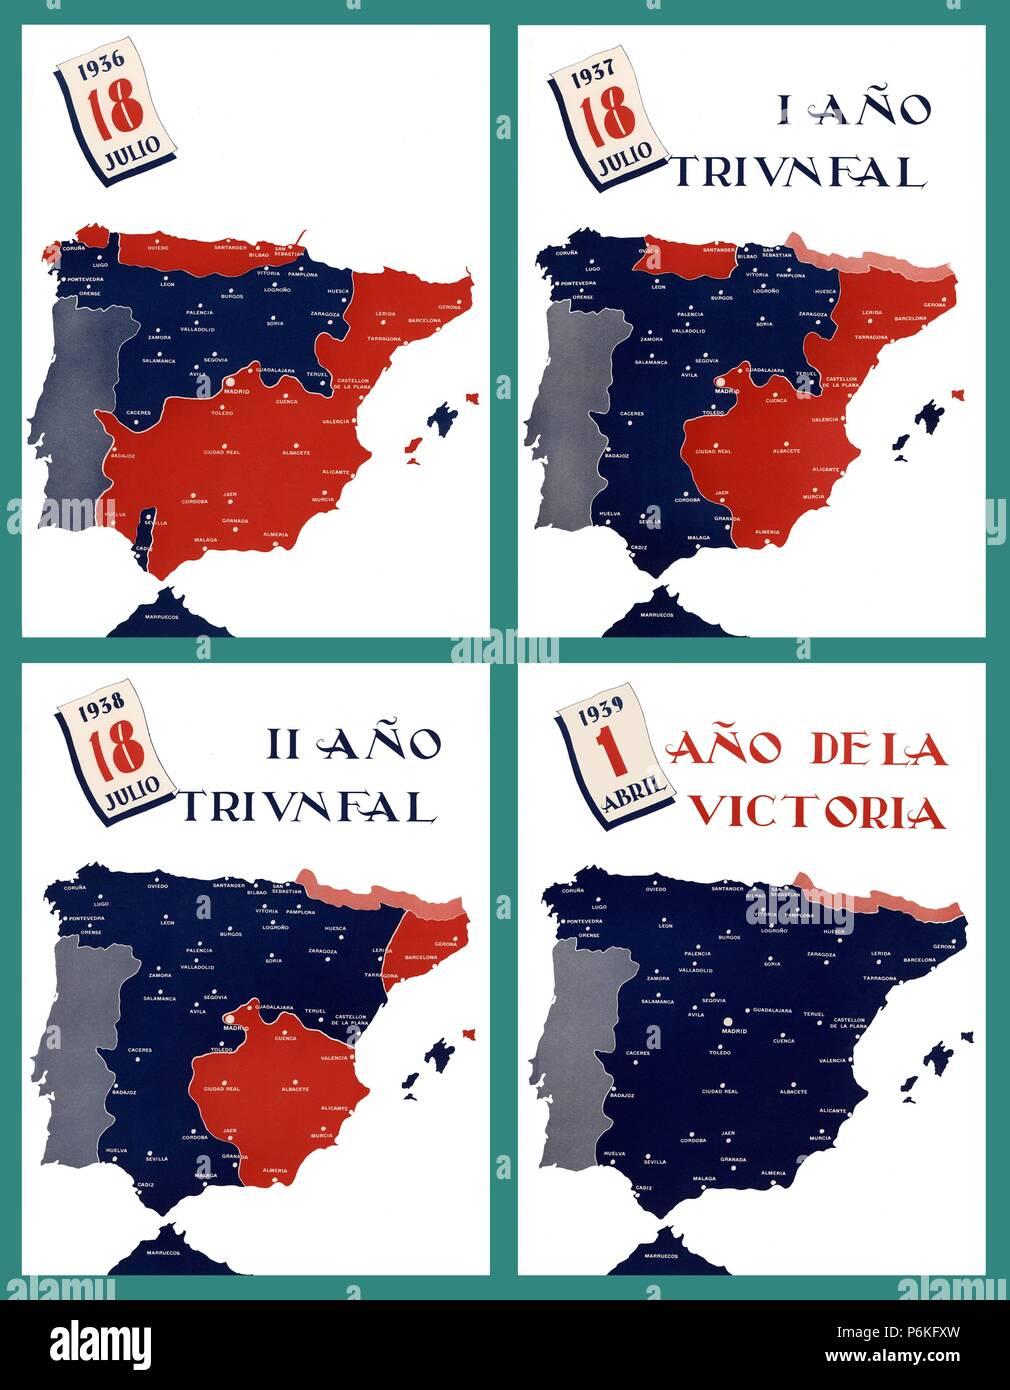 Mapa Bandos Guerra Civil Española.Mapa De Espana Y Distribucion De Los Dos Bandos